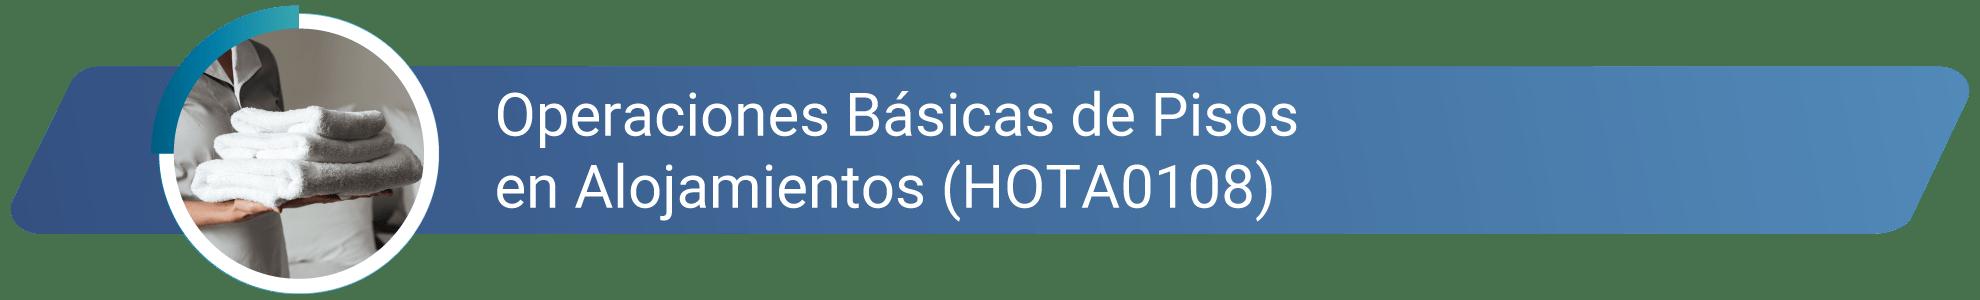 HOTA0108 - Operaciones basicas de pisos en alojamientos